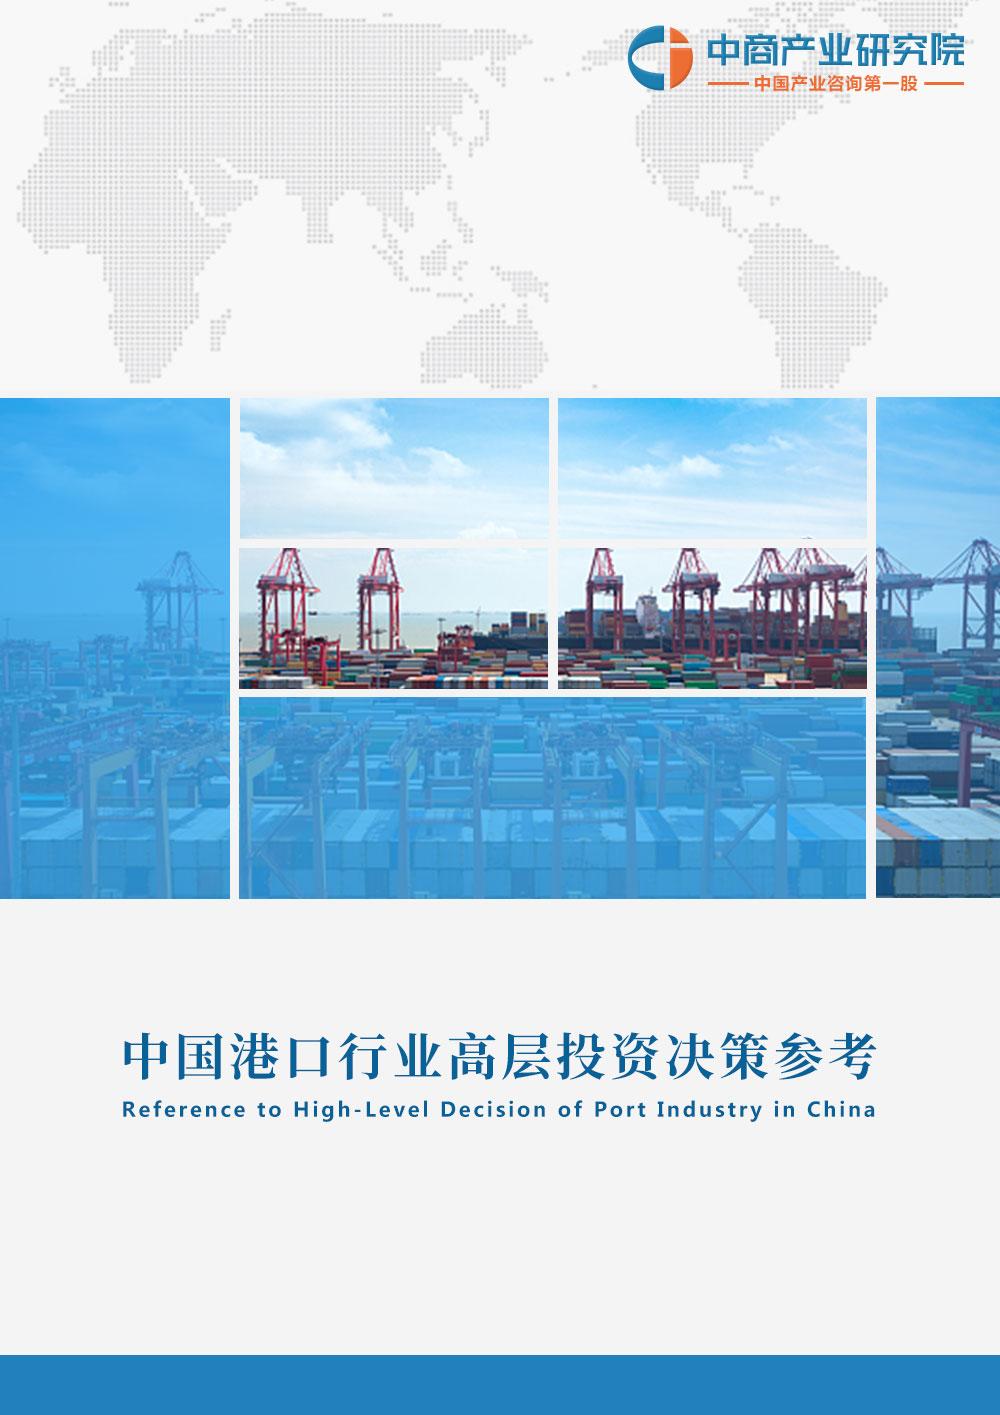 中国港口航运行业高层投资决策参考(2019年12月)